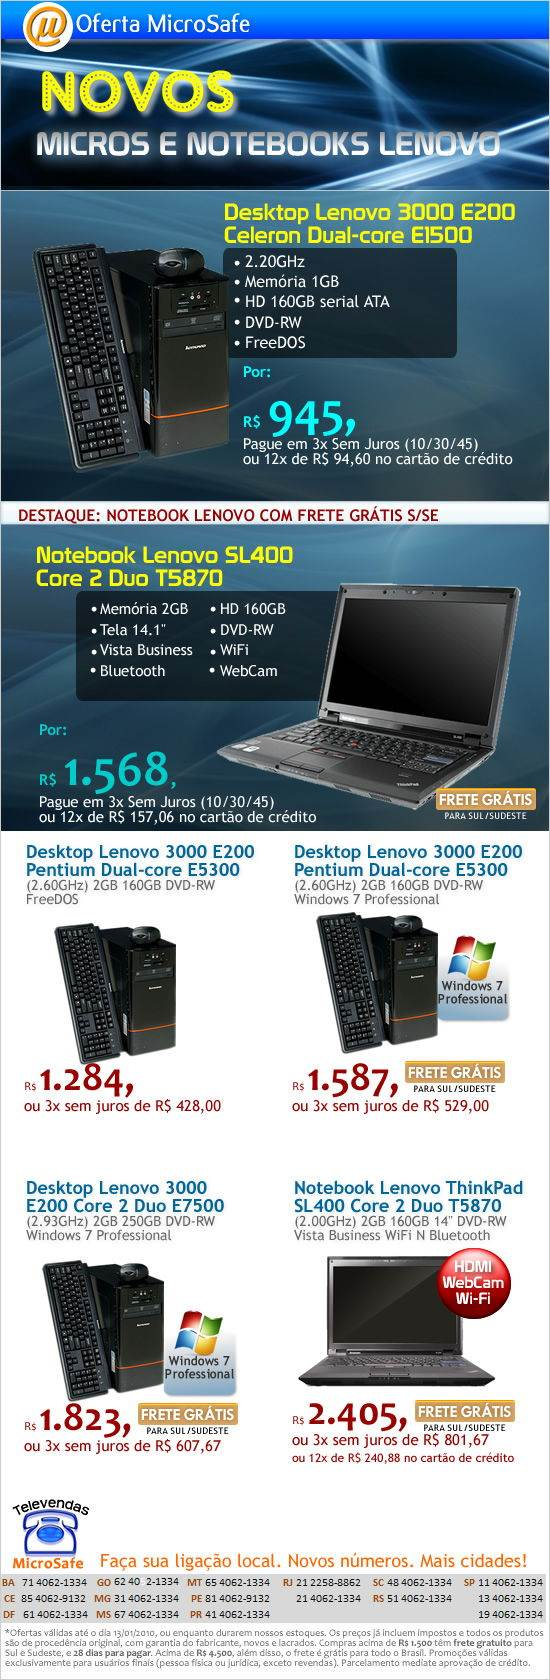 Novos micros e notebooks Lenovo na MicroSafe!